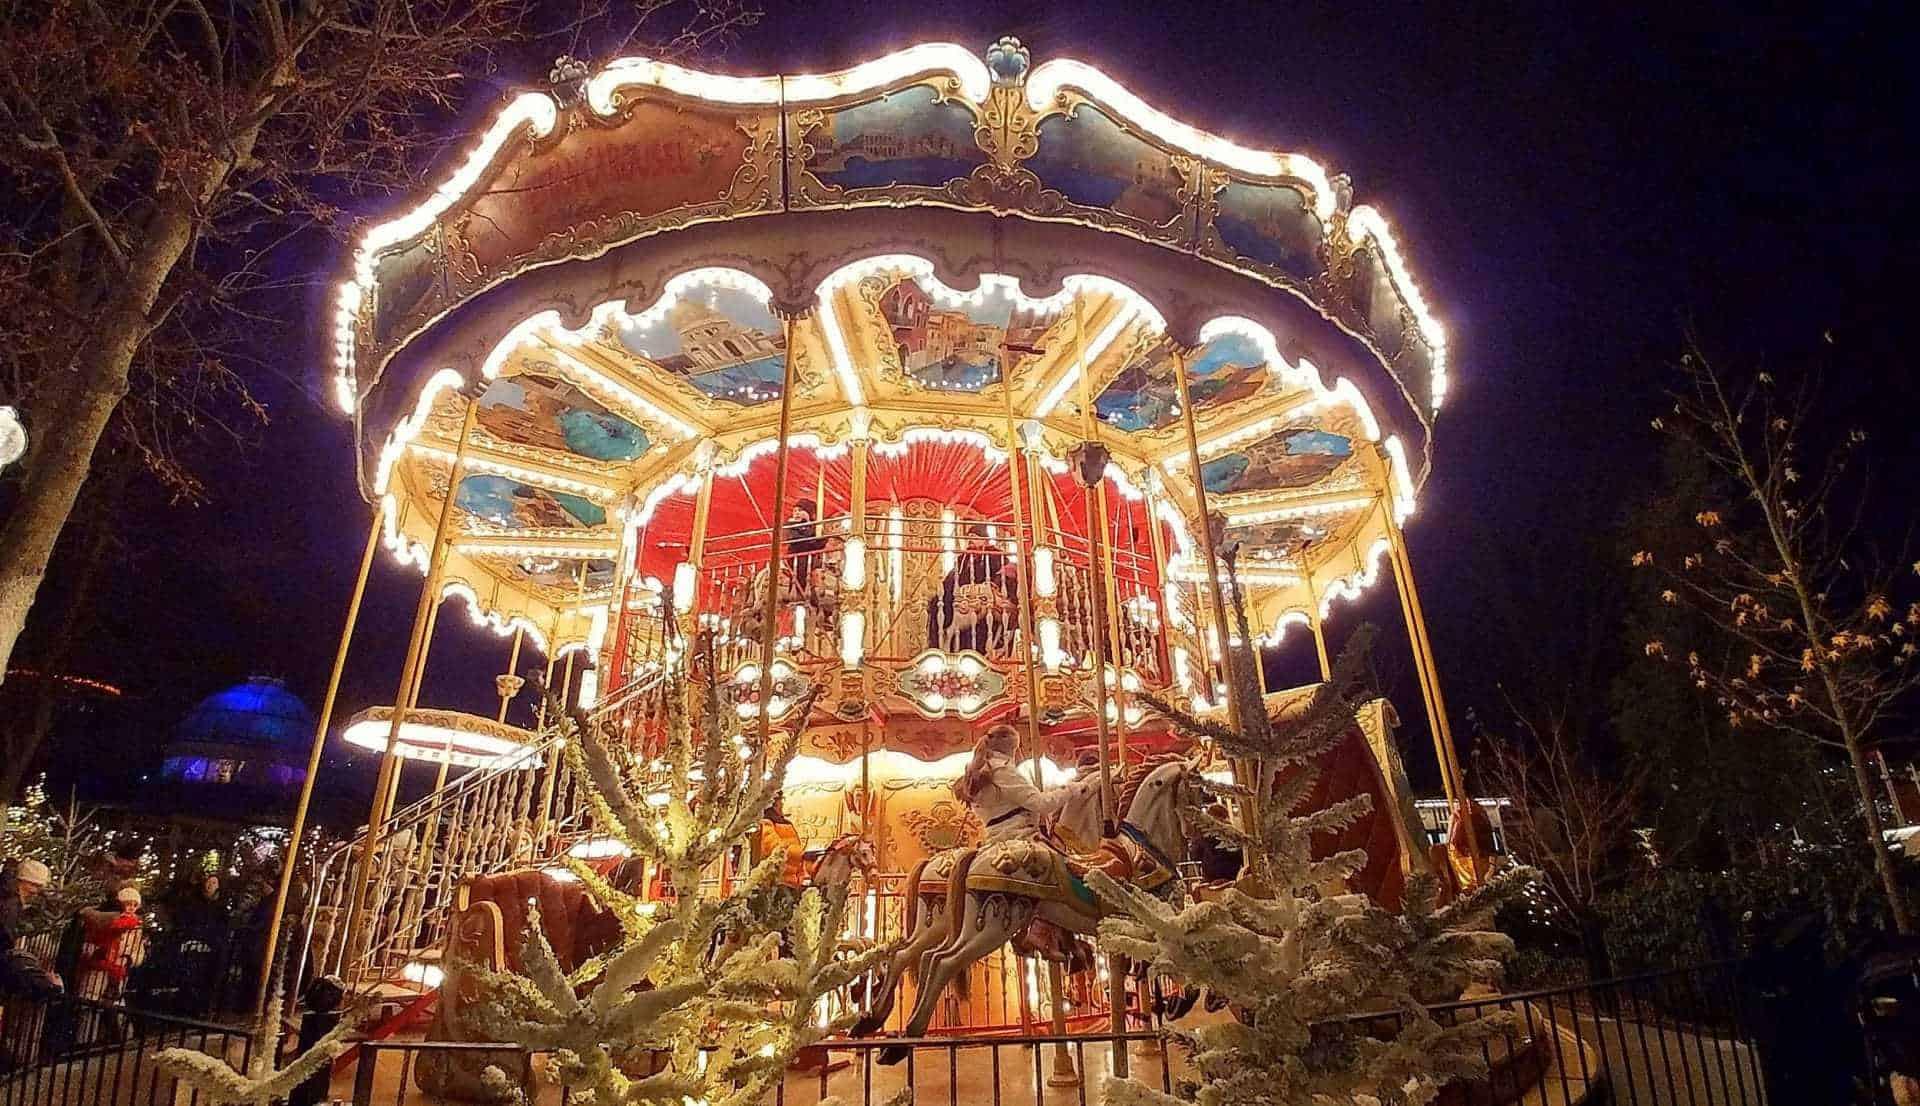 Cosa vedere a copenaghen e dintorni in 3 giorni ti racconto un viaggio - Giardini di tivoli copenaghen ...